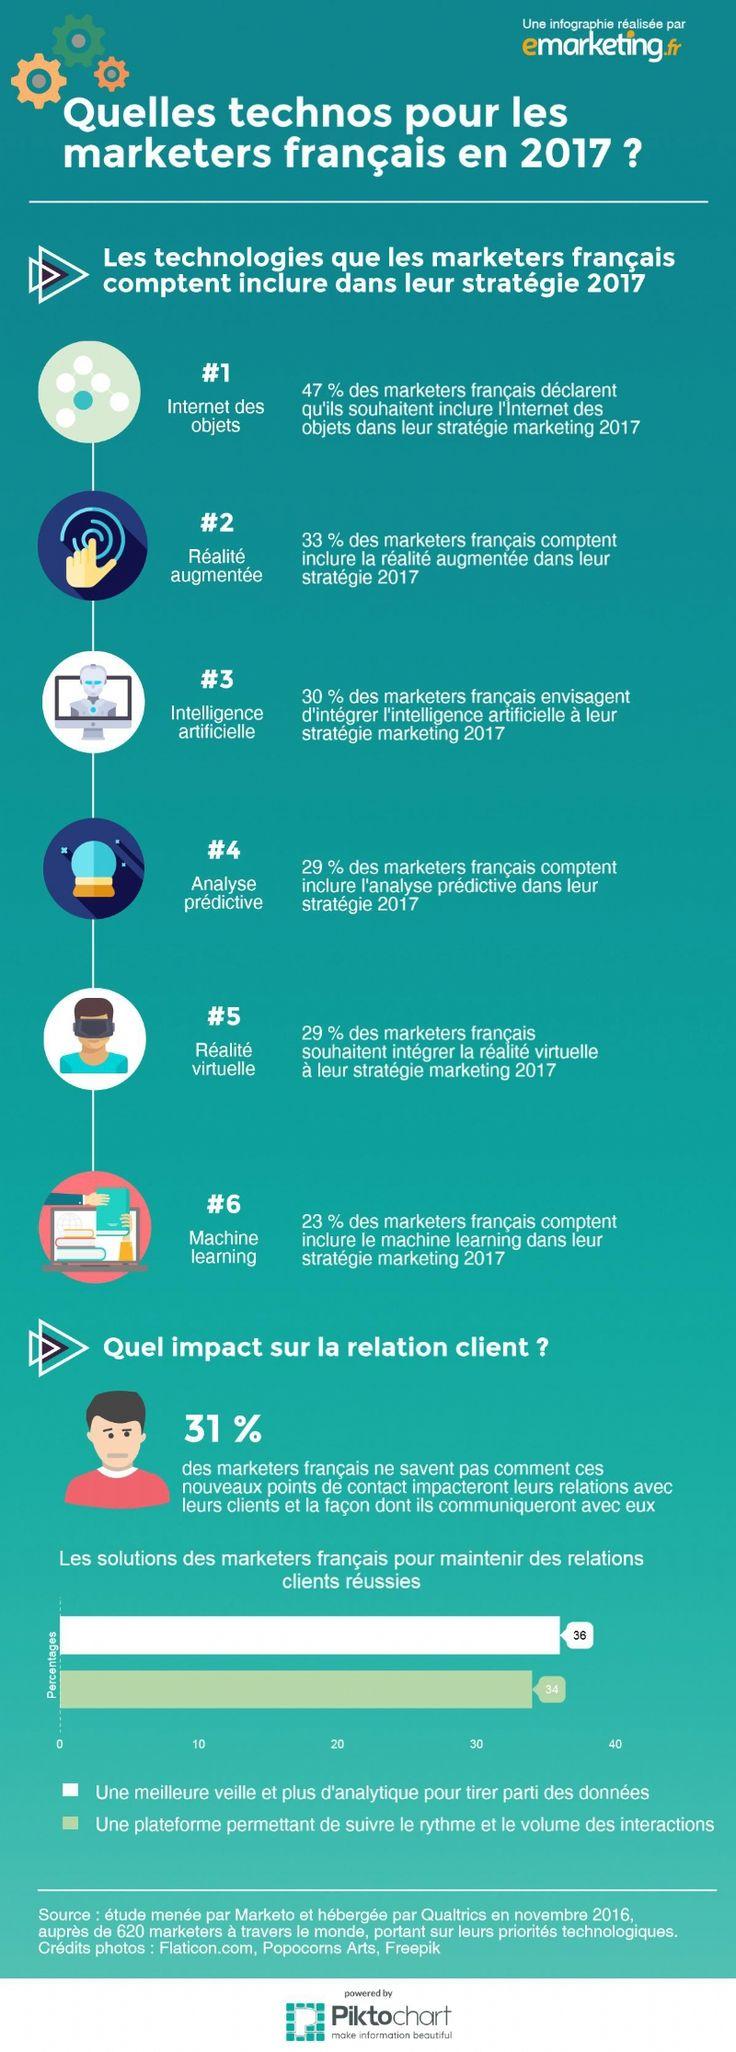 Infographie #Marketing ✔ Quelles sont les 3 priorités technos des marketeurs ...